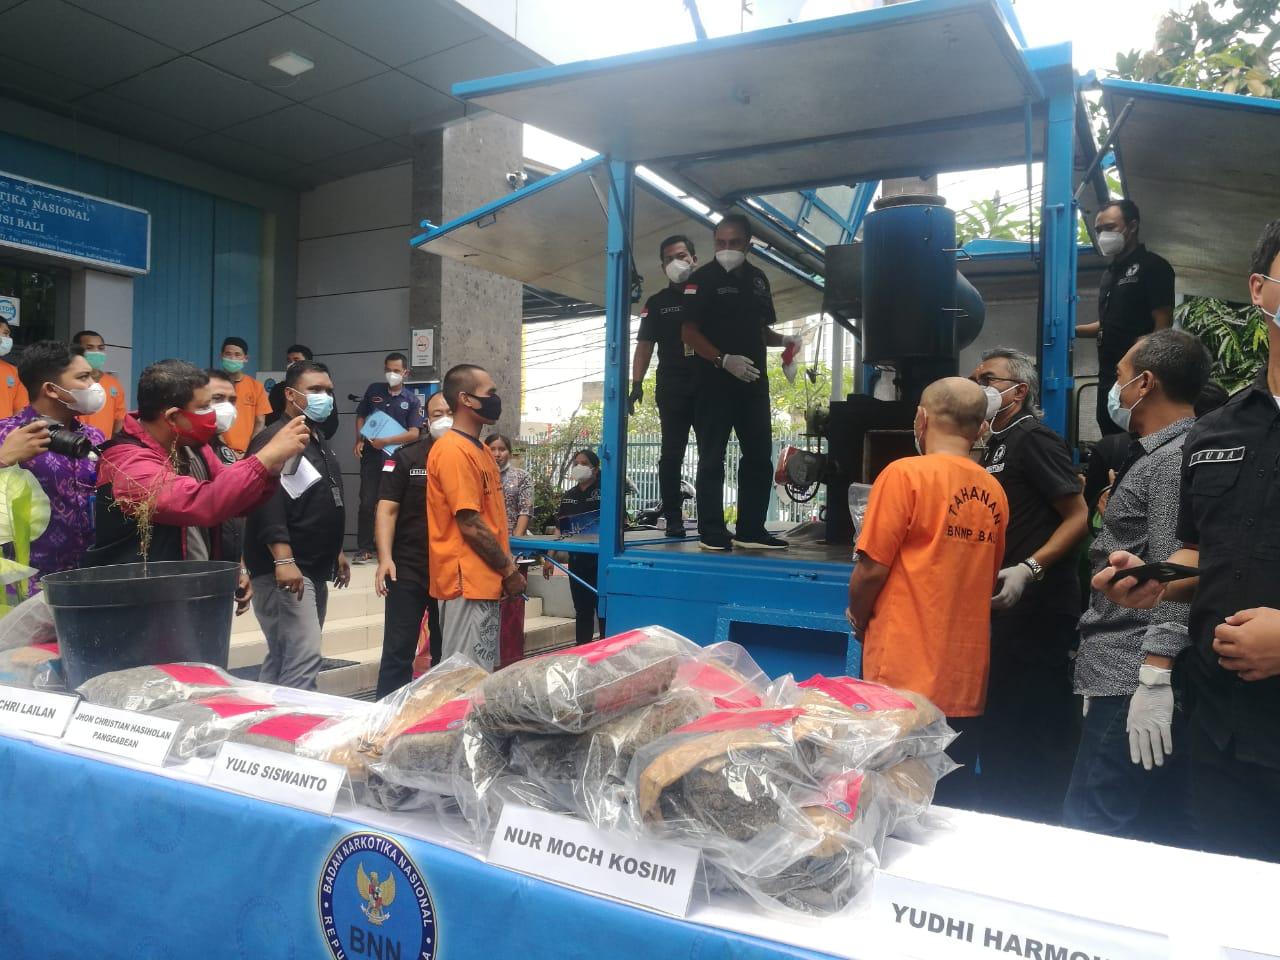 BNN Bali musnahkan barang bukti narkoba jenis Ganja pada Jumat (09/04/2021). Foto: Lintasnusanews.com/Agung Widodo